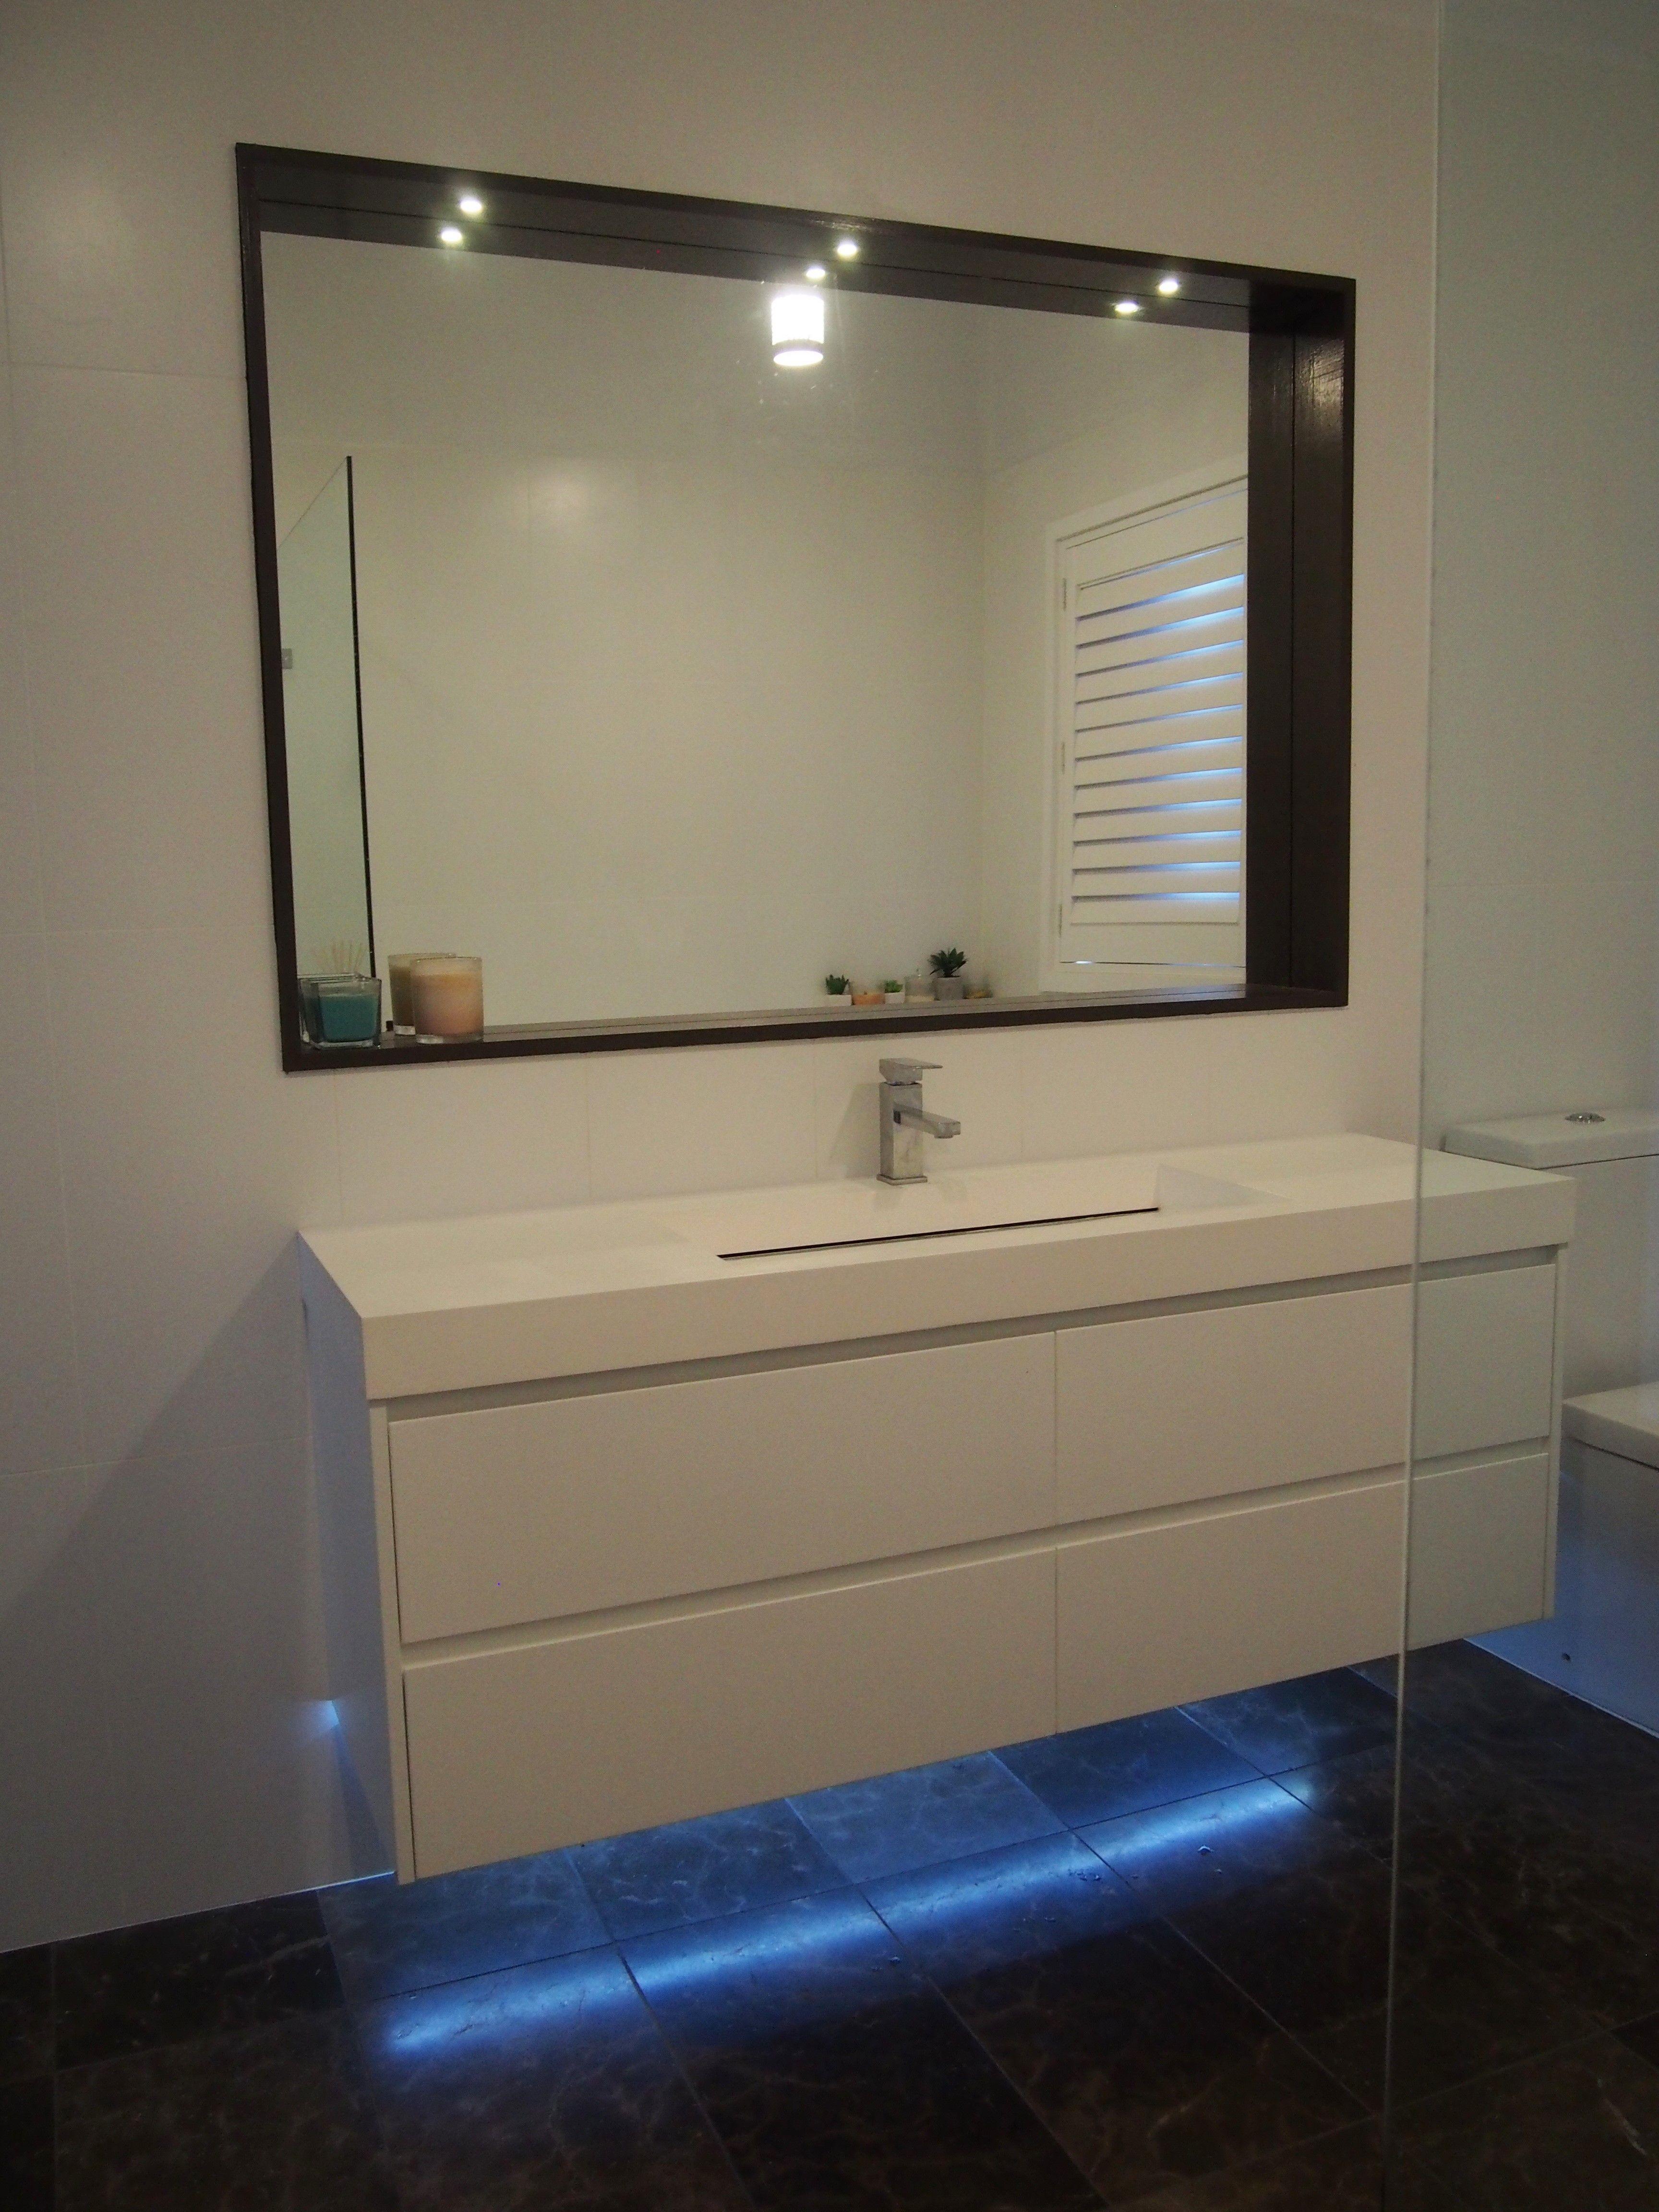 Bathroom lighting led